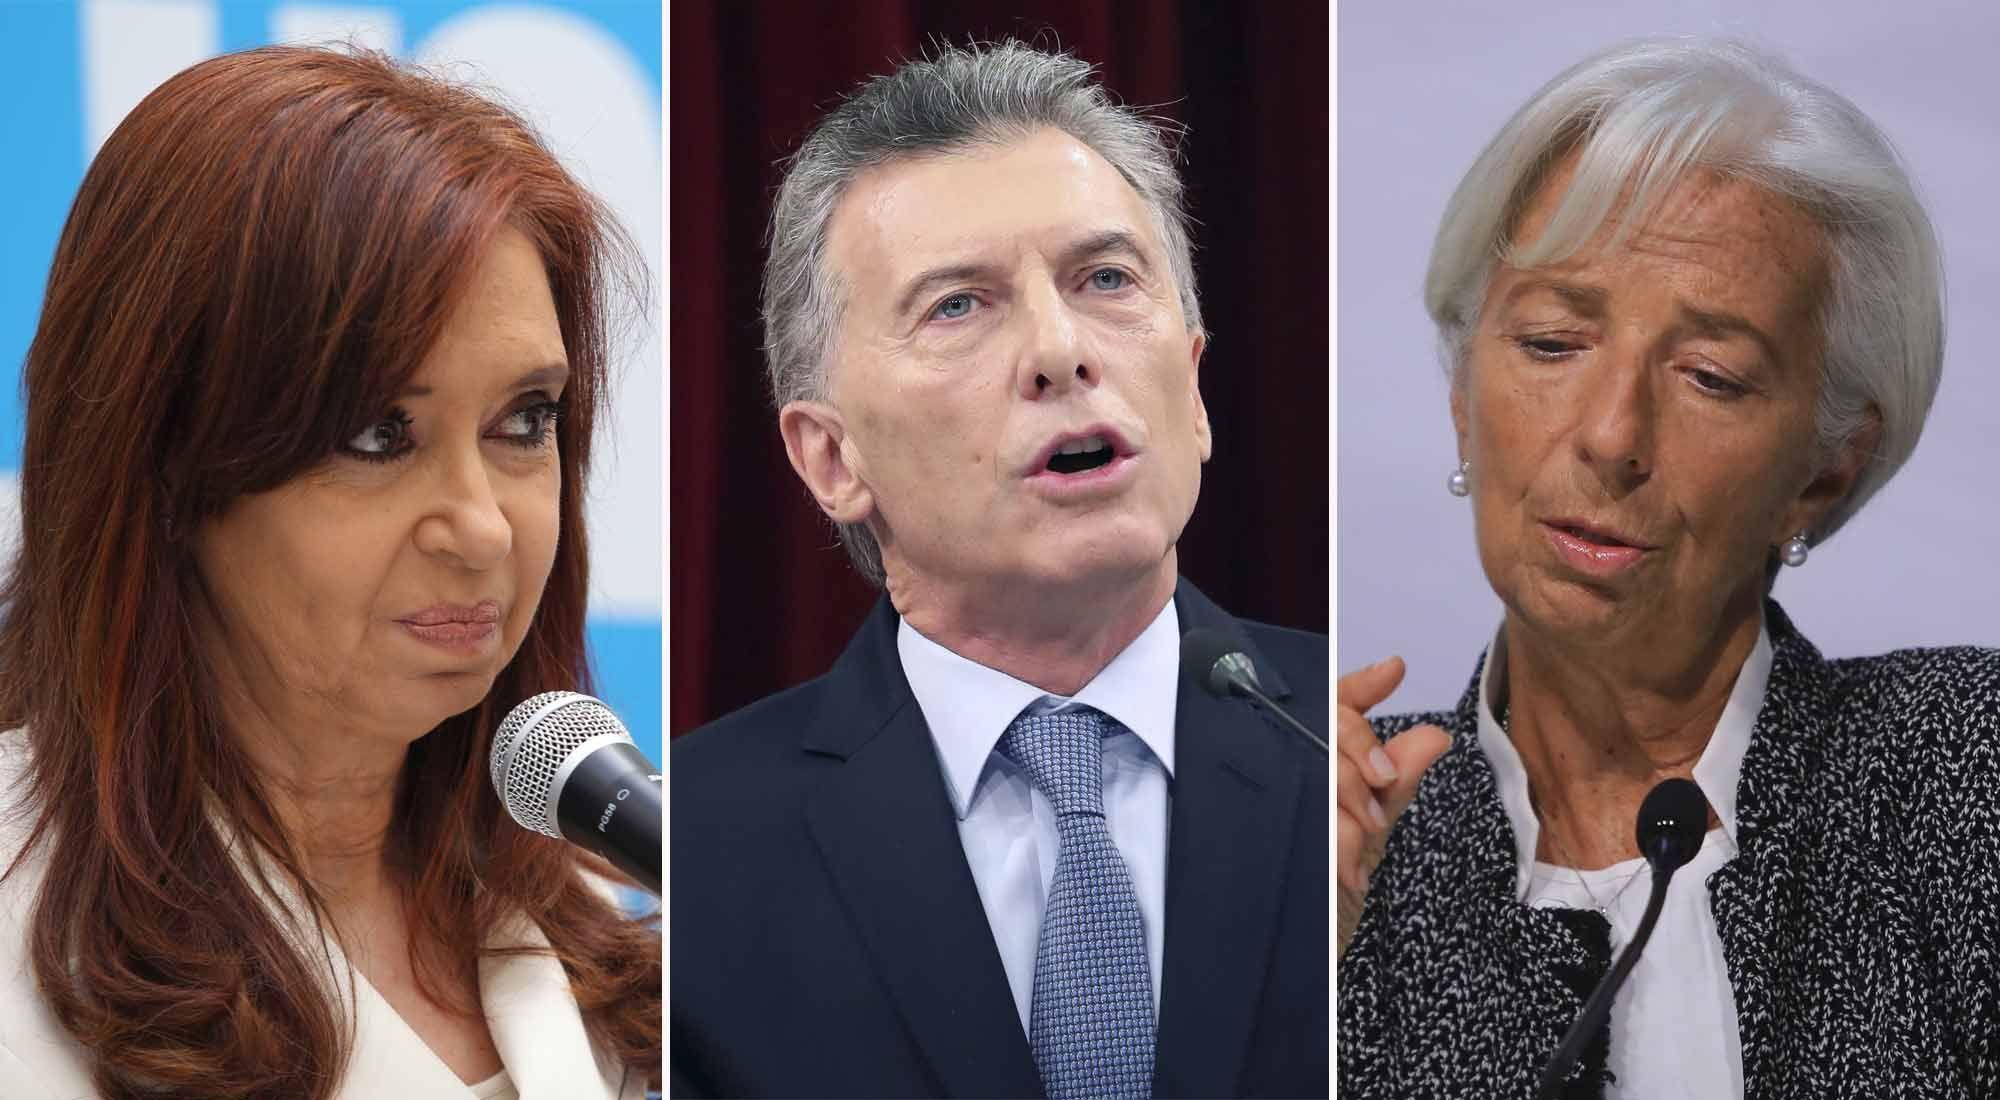 Análisis económico del discurso de Macri en el Congreso